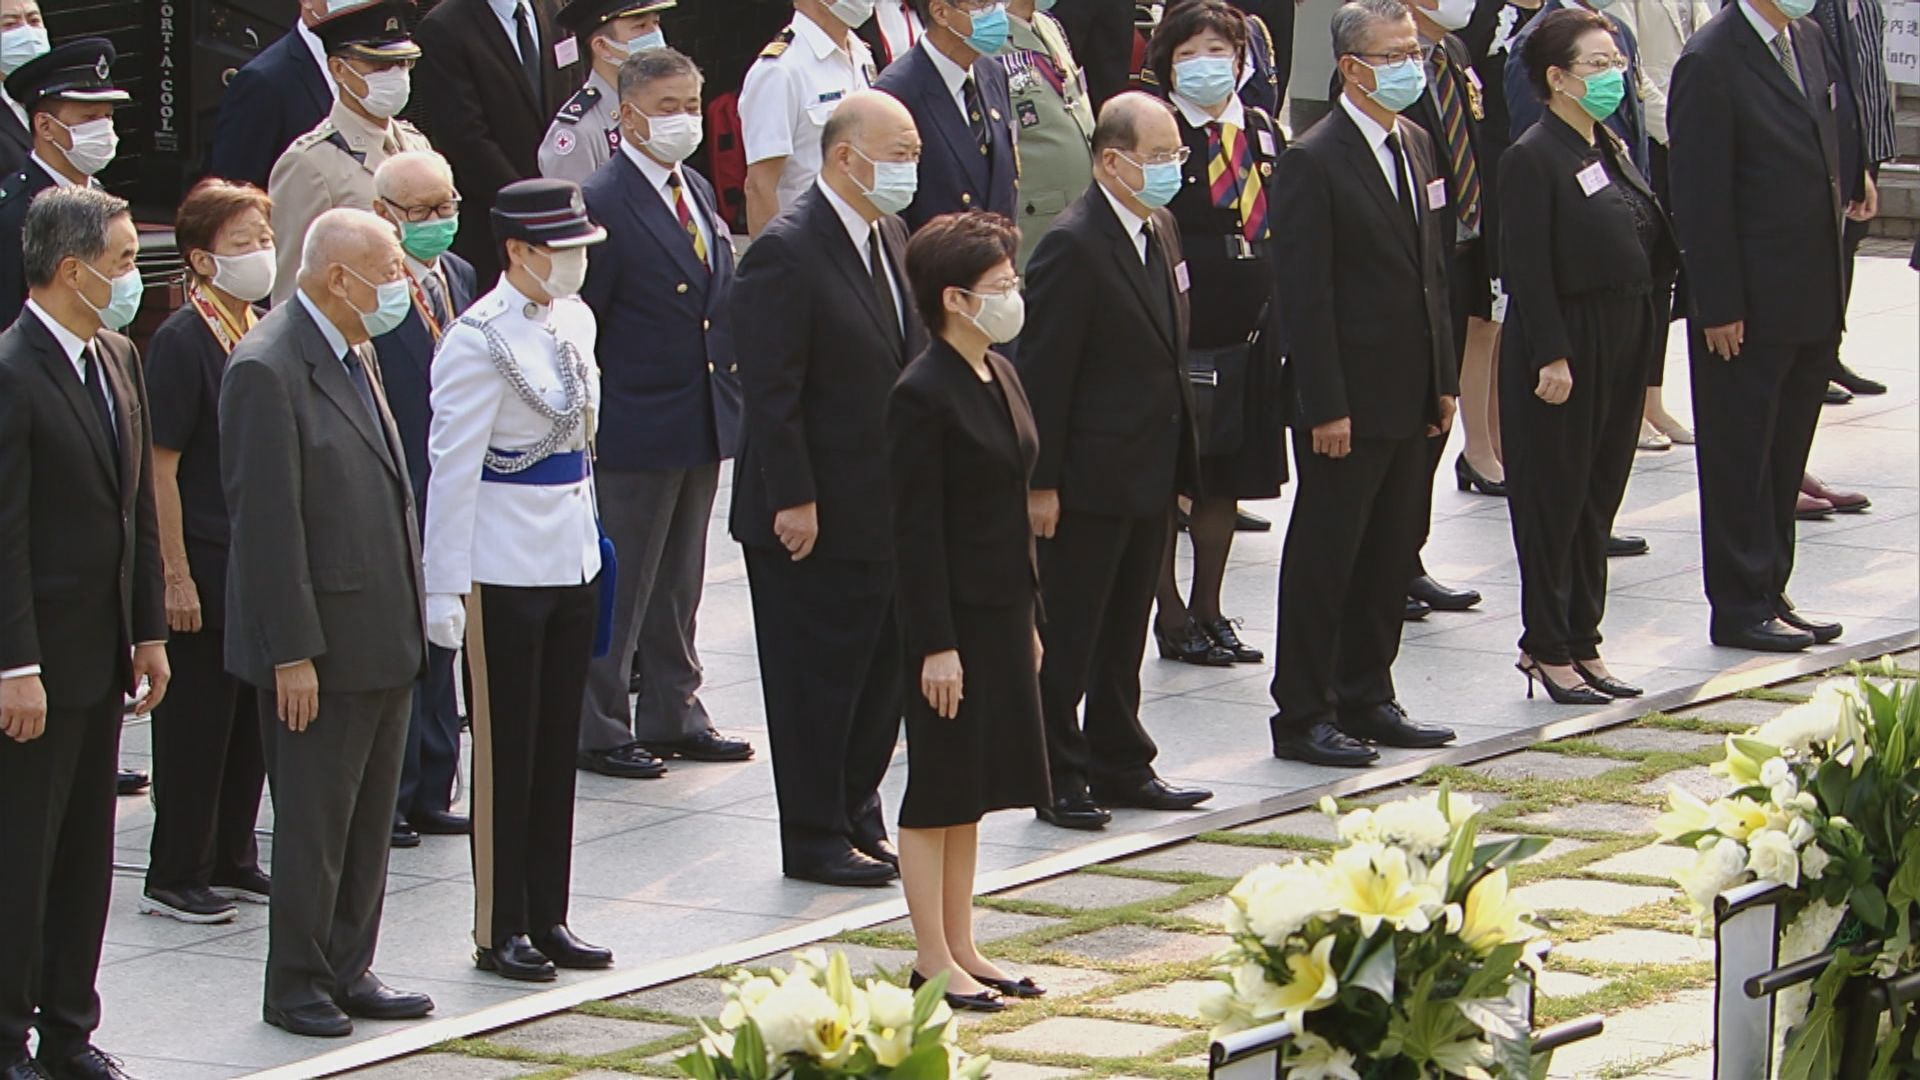 林鄭月娥及多名官員出席抗日戰爭勝利紀念日儀式